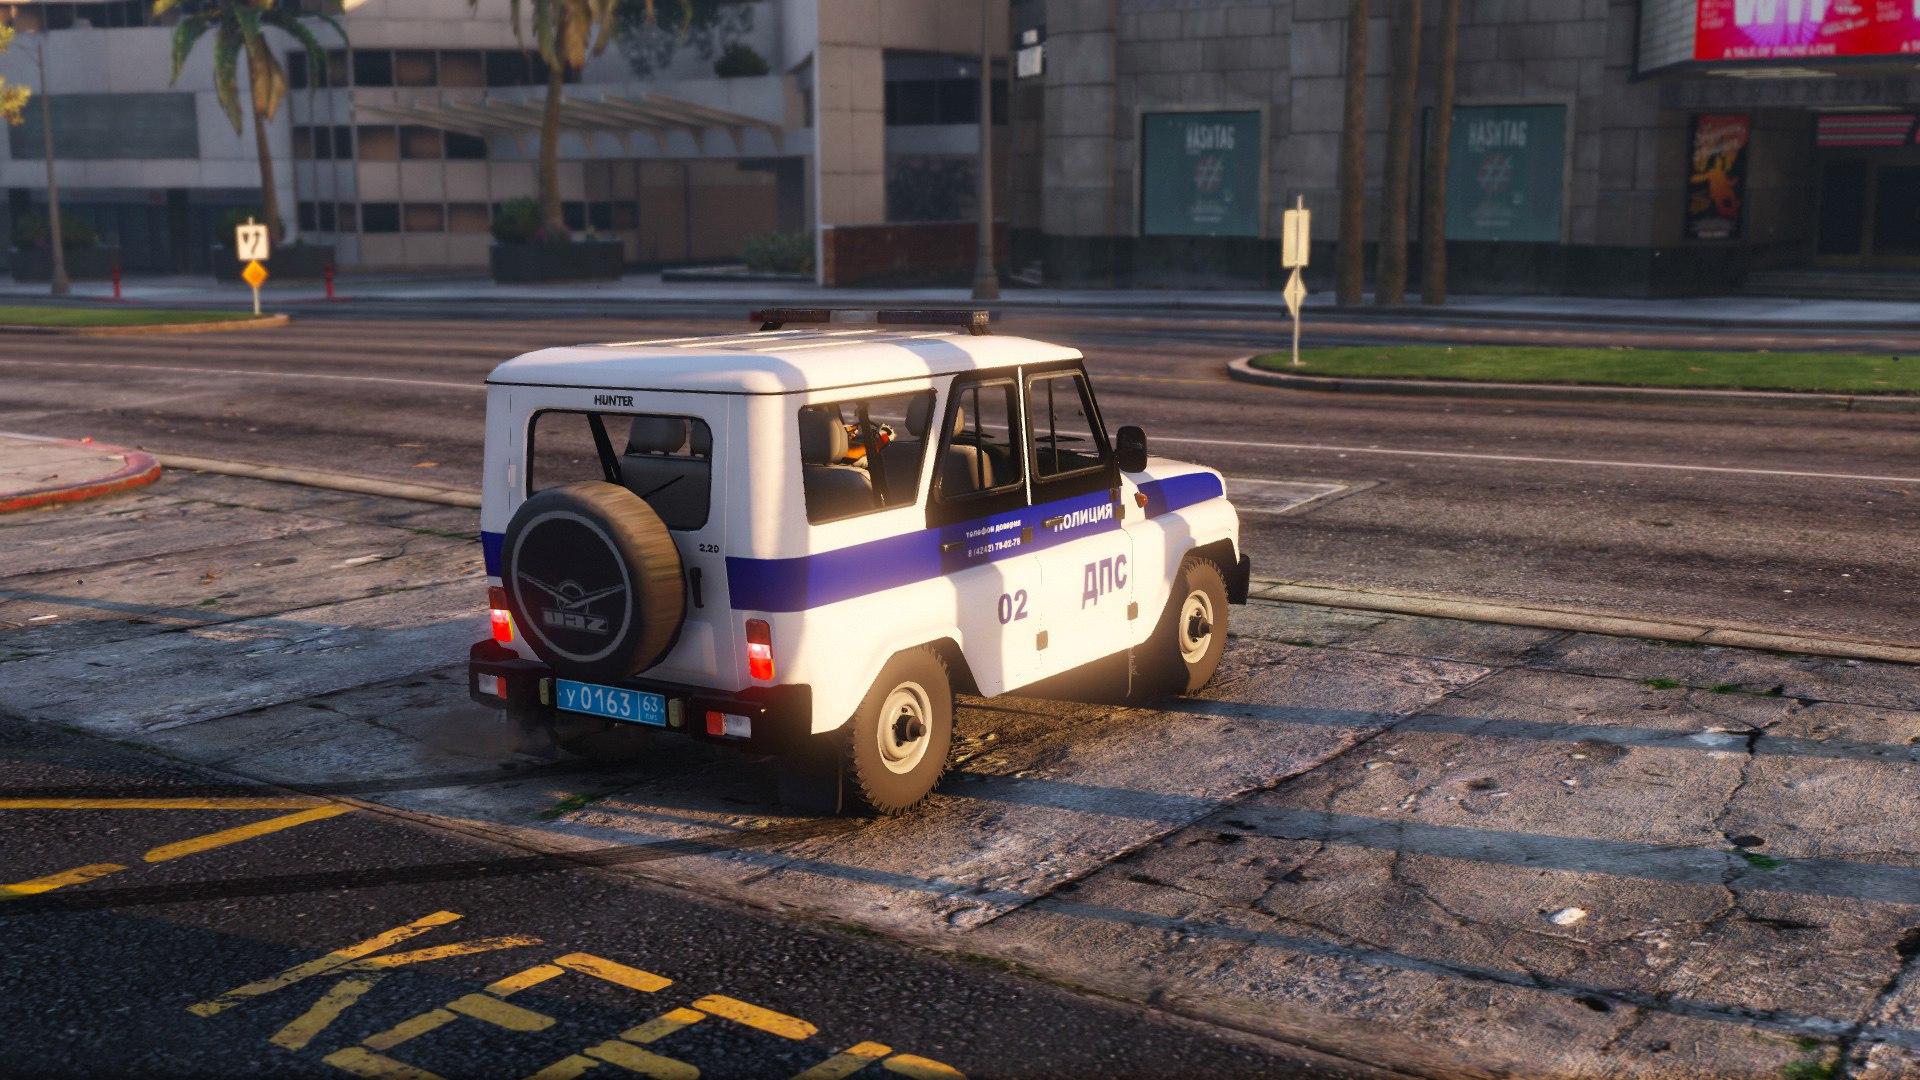 УАЗ Хантер - ДПС для GTA V - Скриншот 3